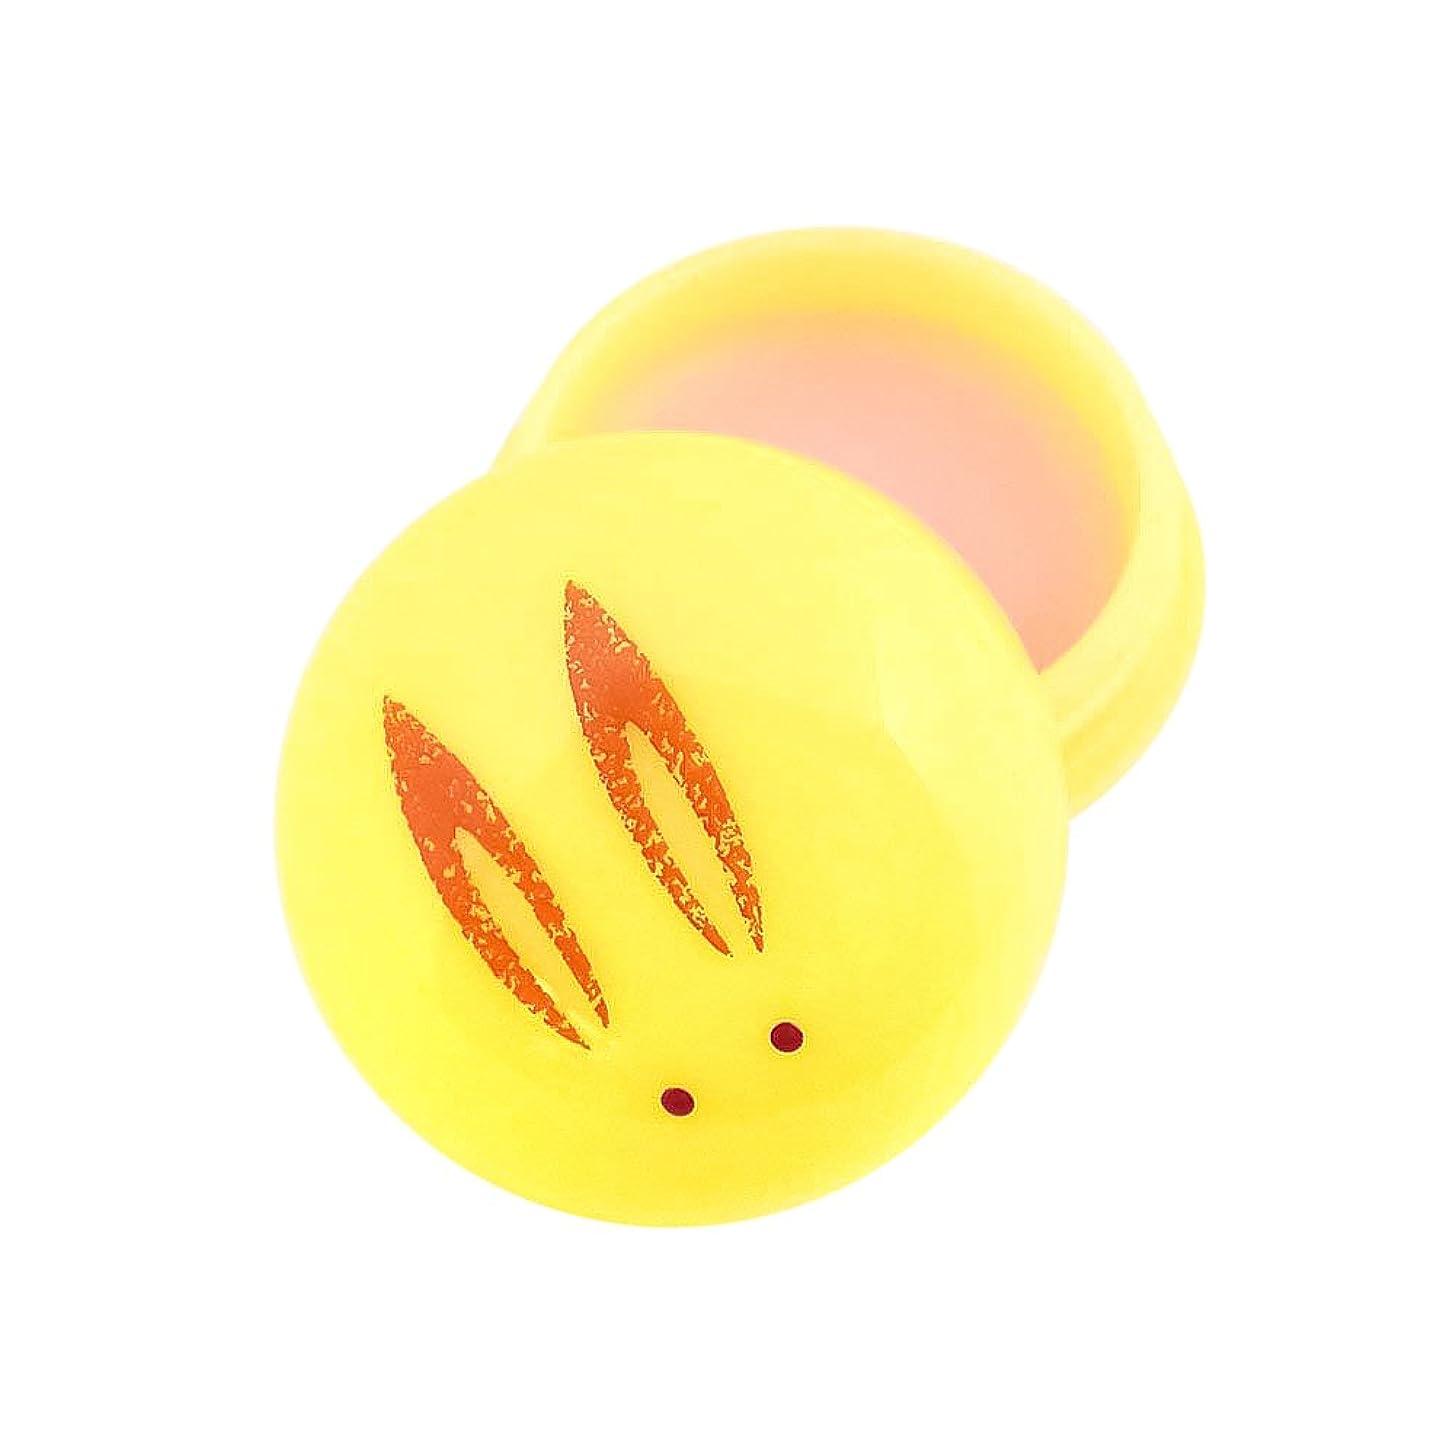 文庫本長椅子ペルー京コスメ 舞妓さんの練り香水「うさぎ饅頭」 金木犀の香り 金木犀 沈丁花 桃 単品